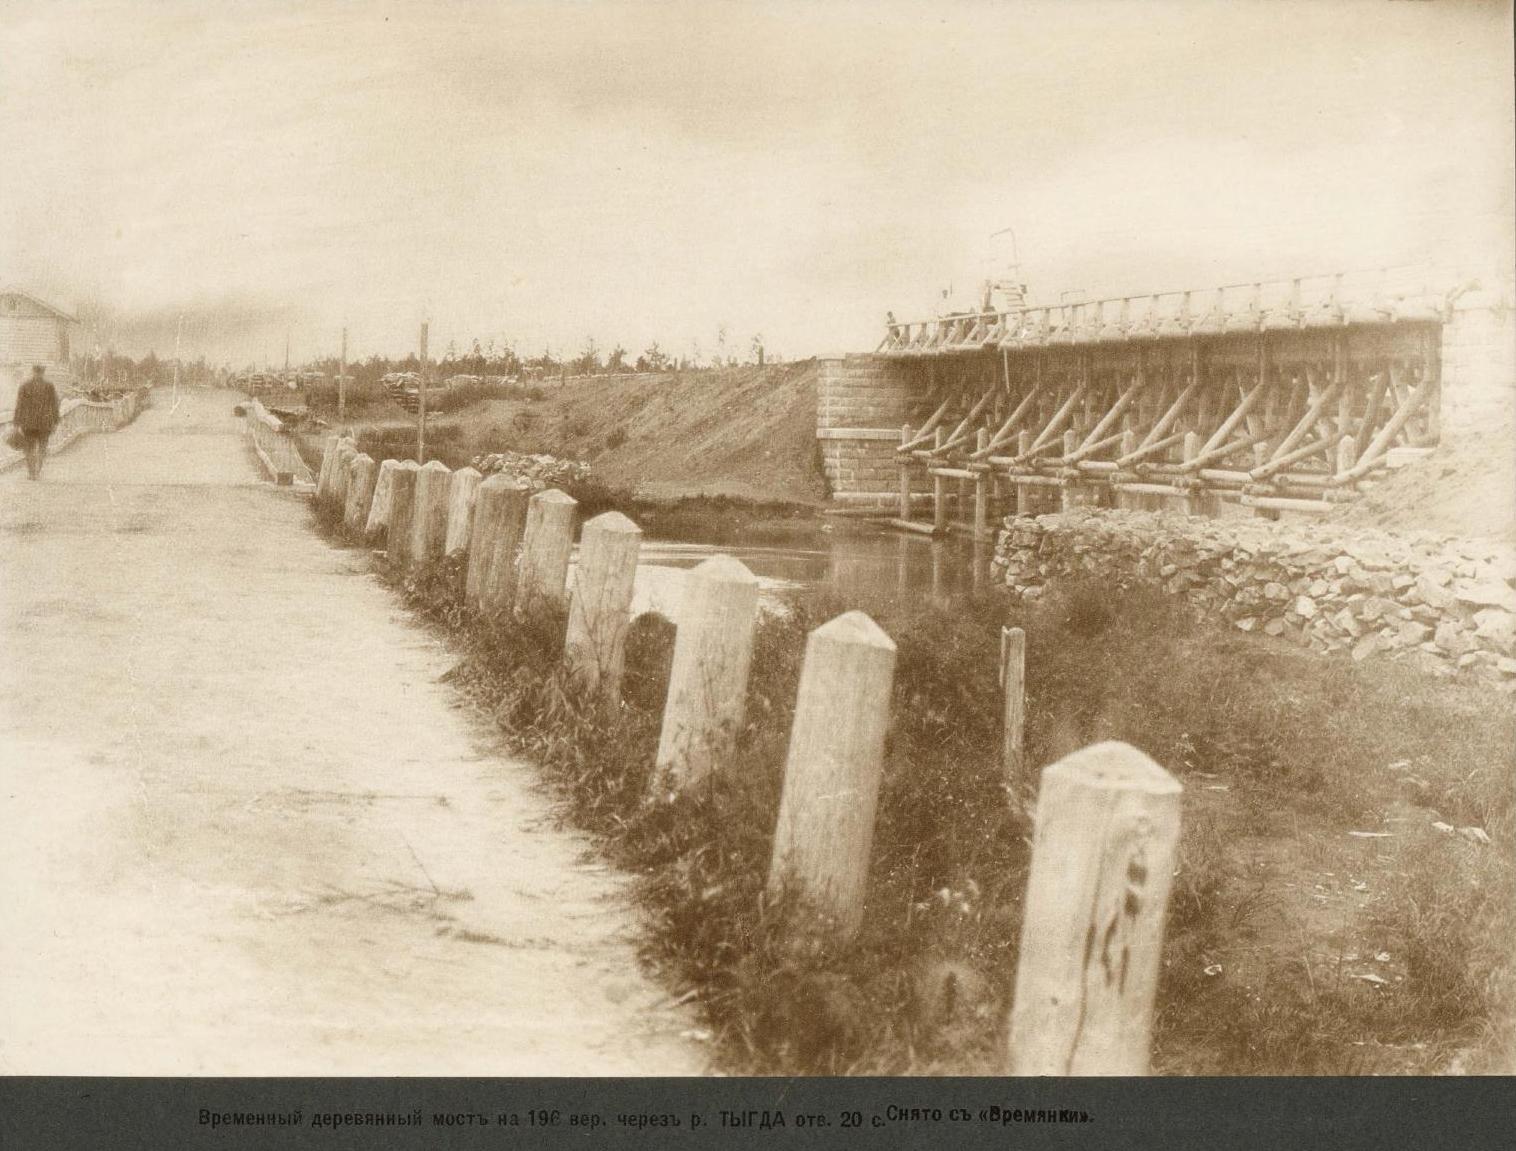 196 верста. Временный деревянный мост через реку Тыгда. Снято с времянки